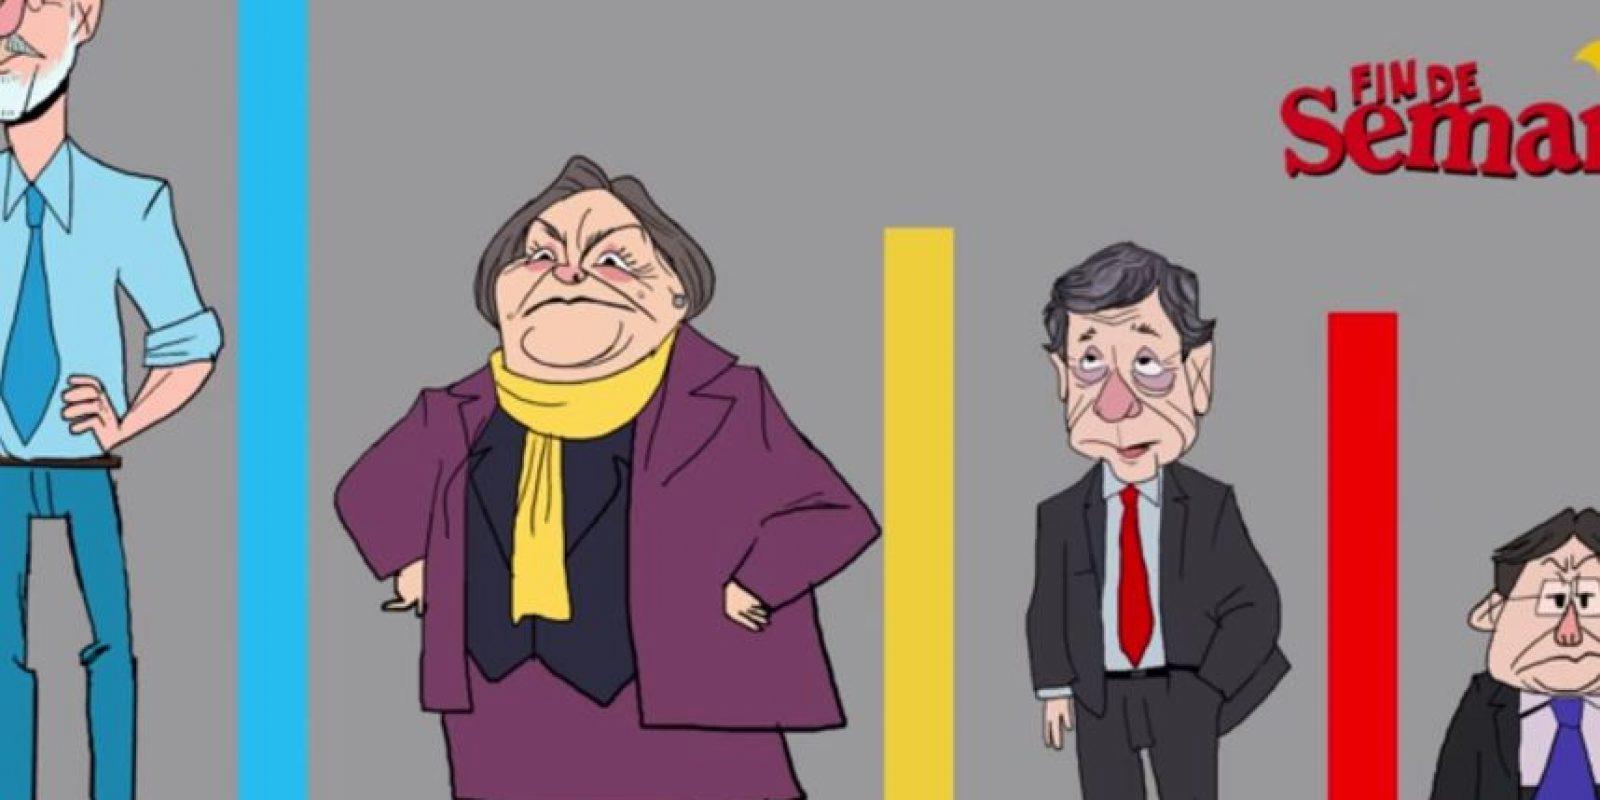 Las encuestas a la alcaldía Foto:Captura de Pantalla youtube/Monkey Soup Co